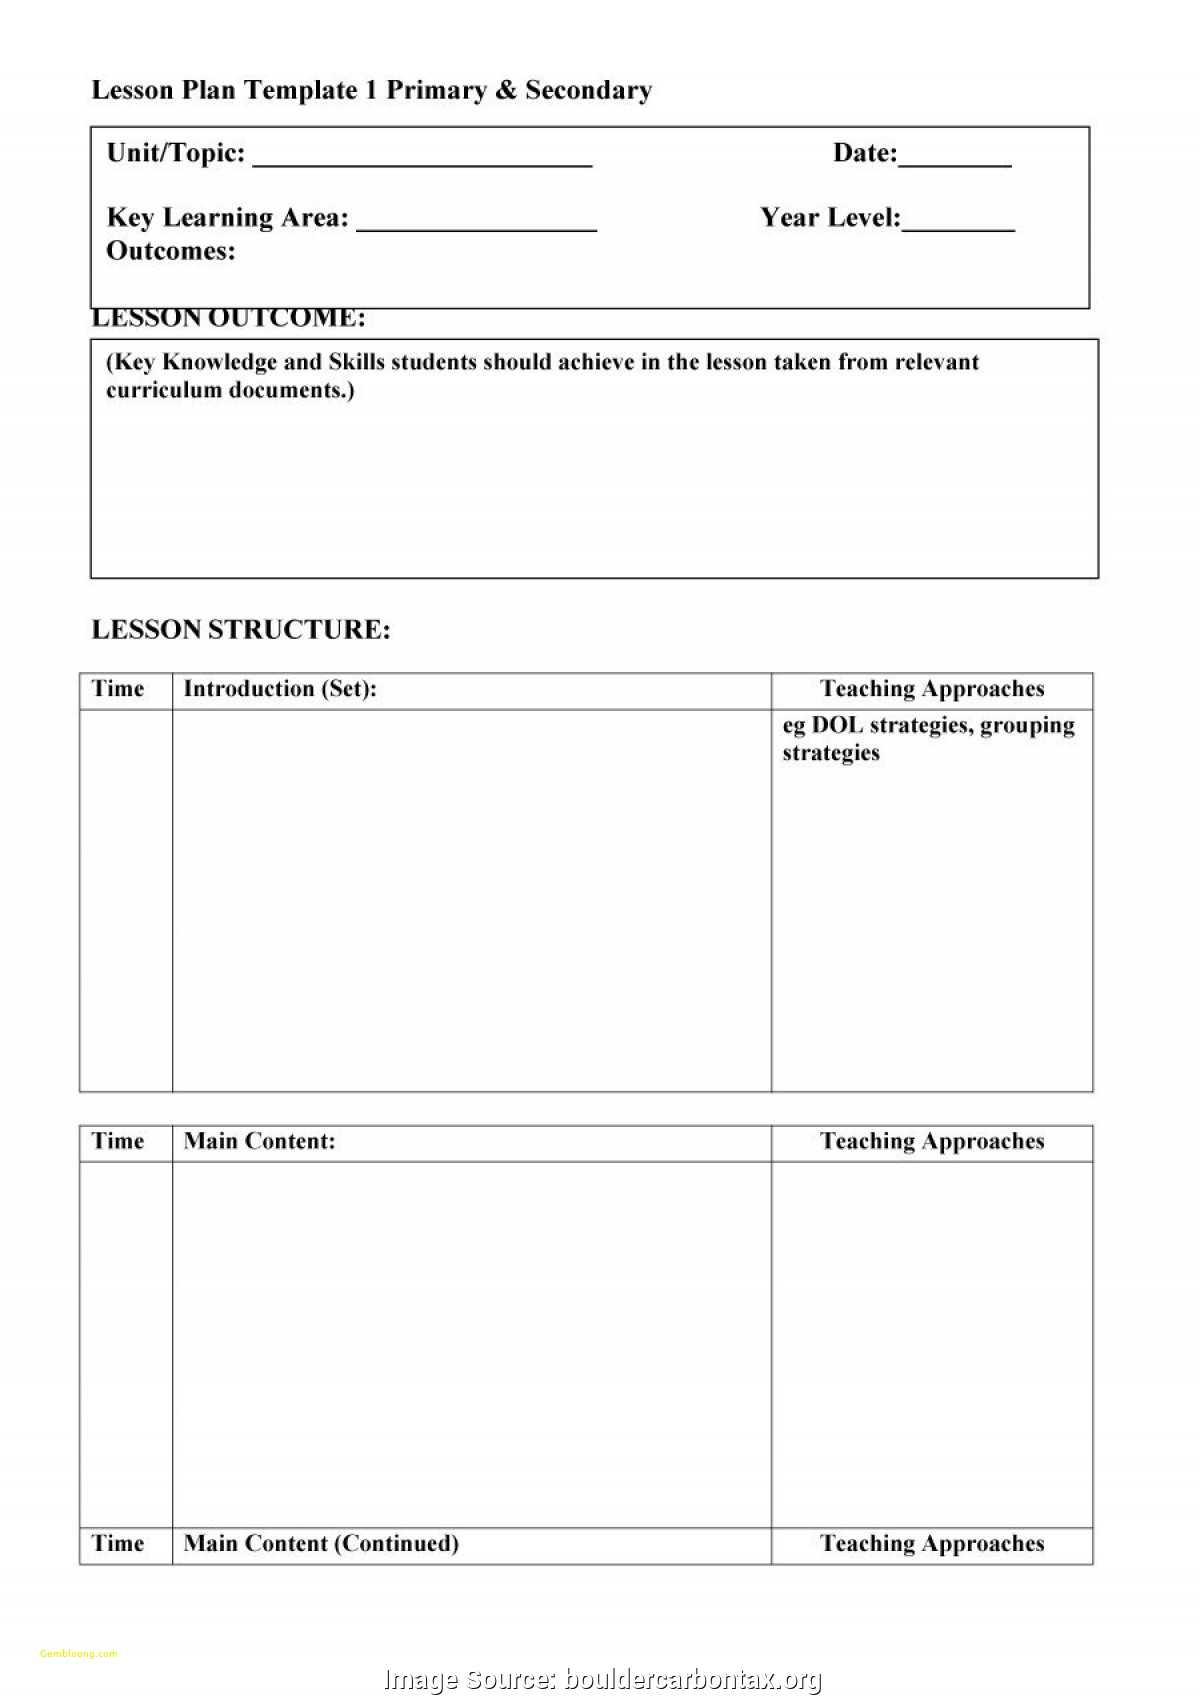 Ifta Spreadsheet Template Regarding Ifta Spreadsheet